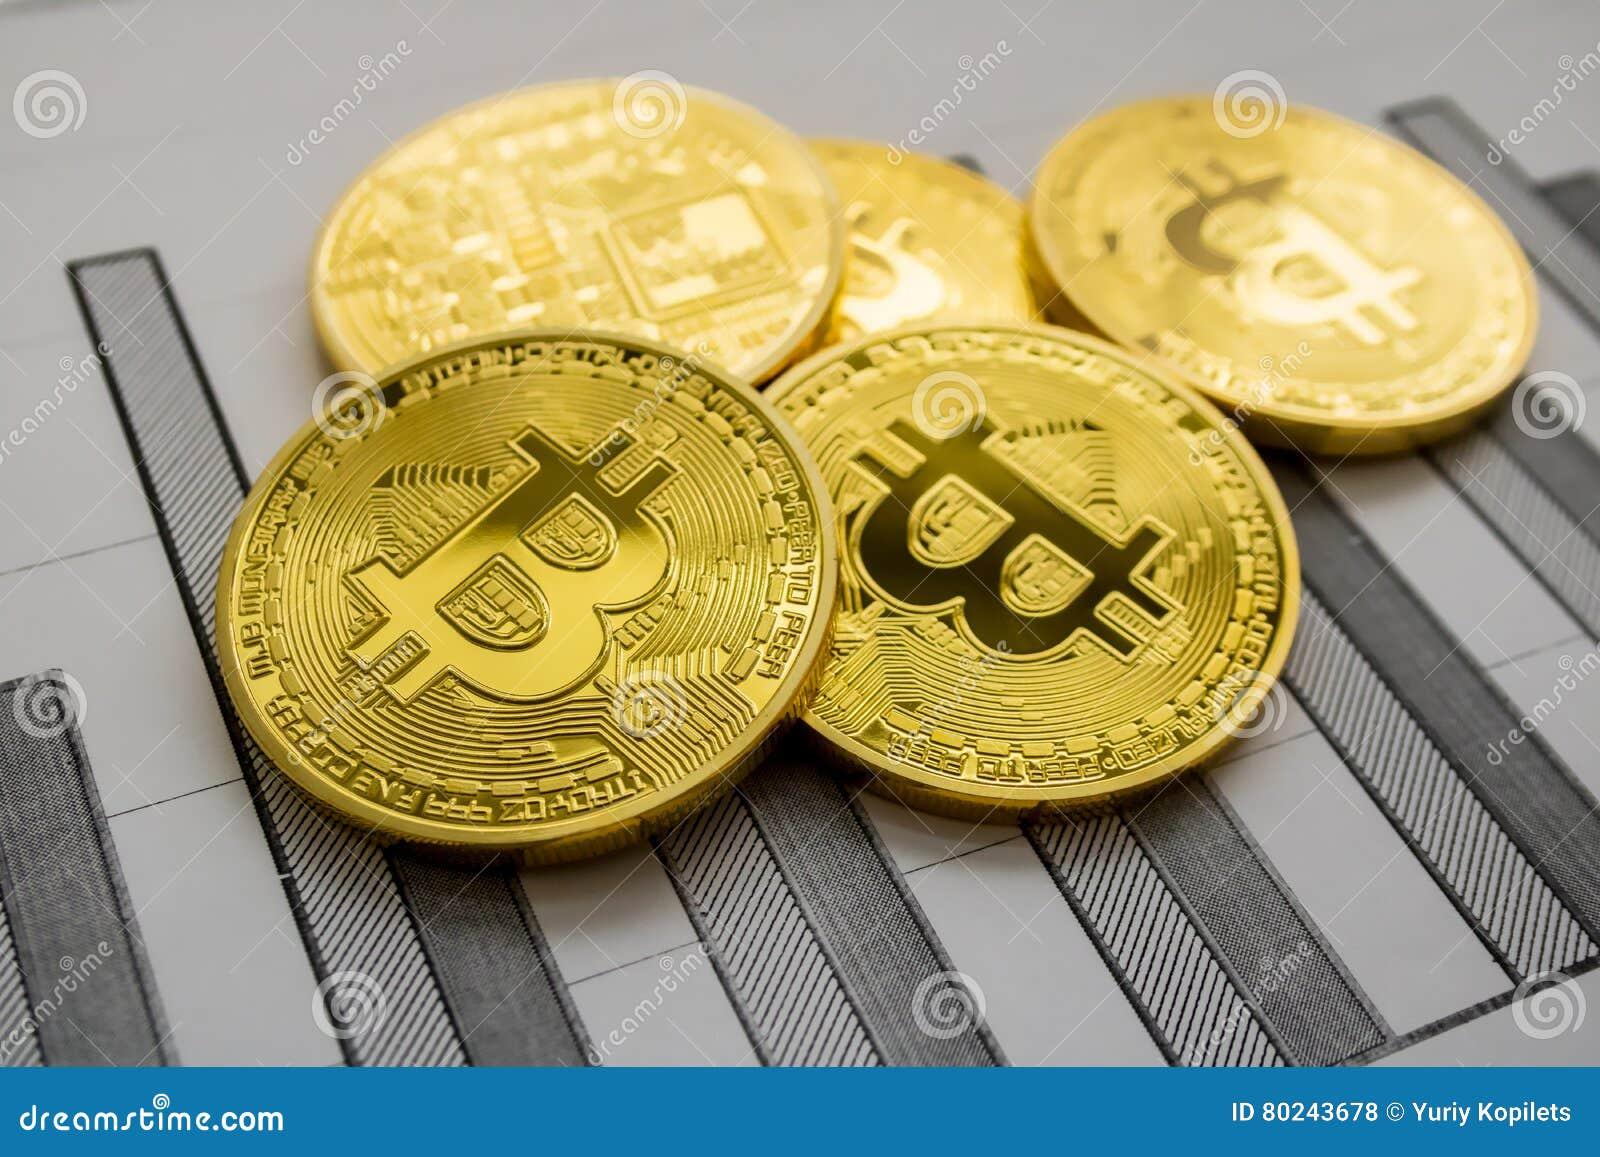 Попробуйте заработок биткоинов. Лучшие биткоин краны без 11